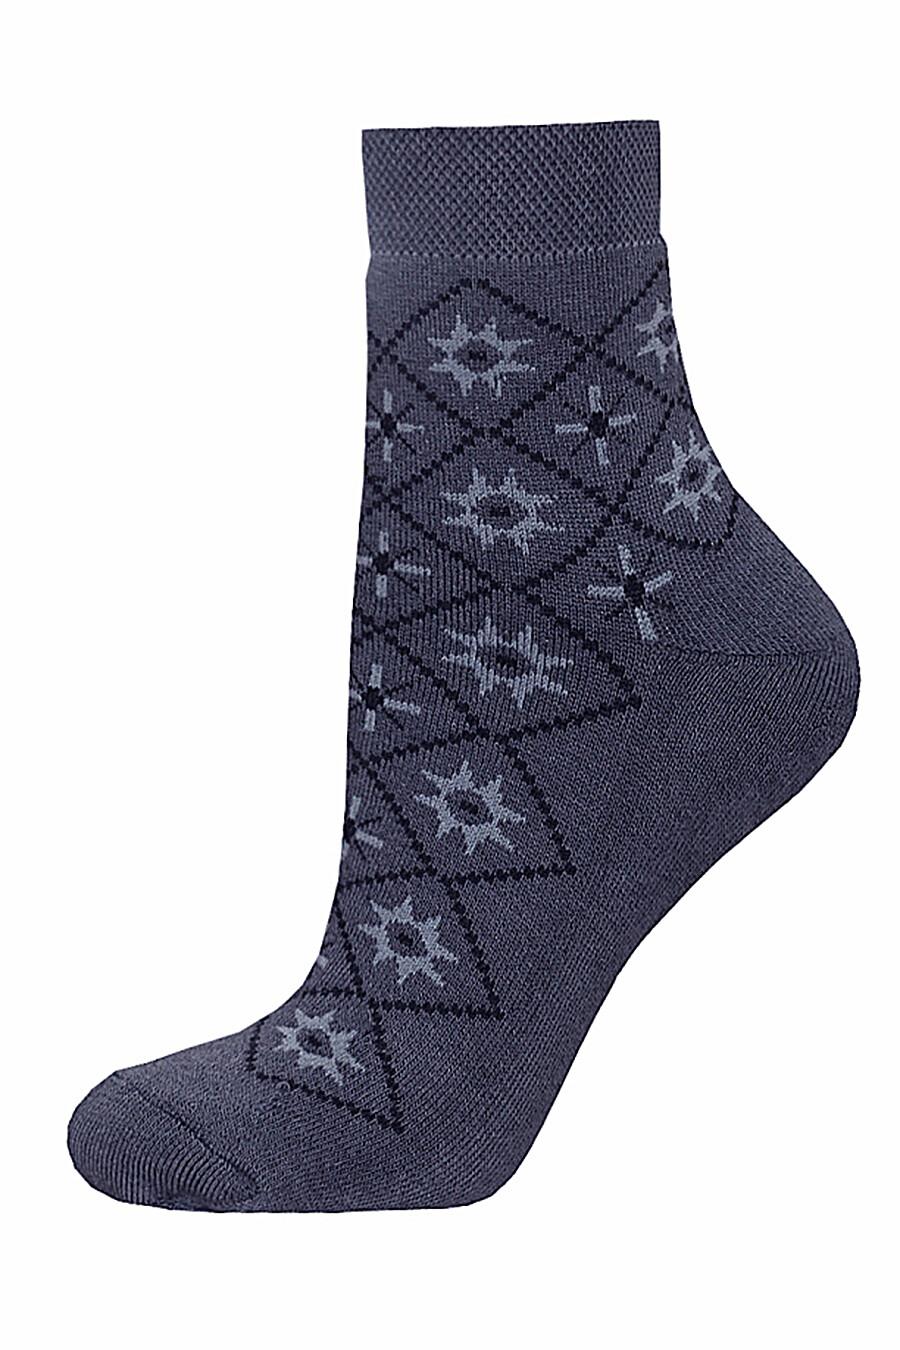 Носки для женщин БРЕСТСКИЕ 226928 купить оптом от производителя. Совместная покупка женской одежды в OptMoyo